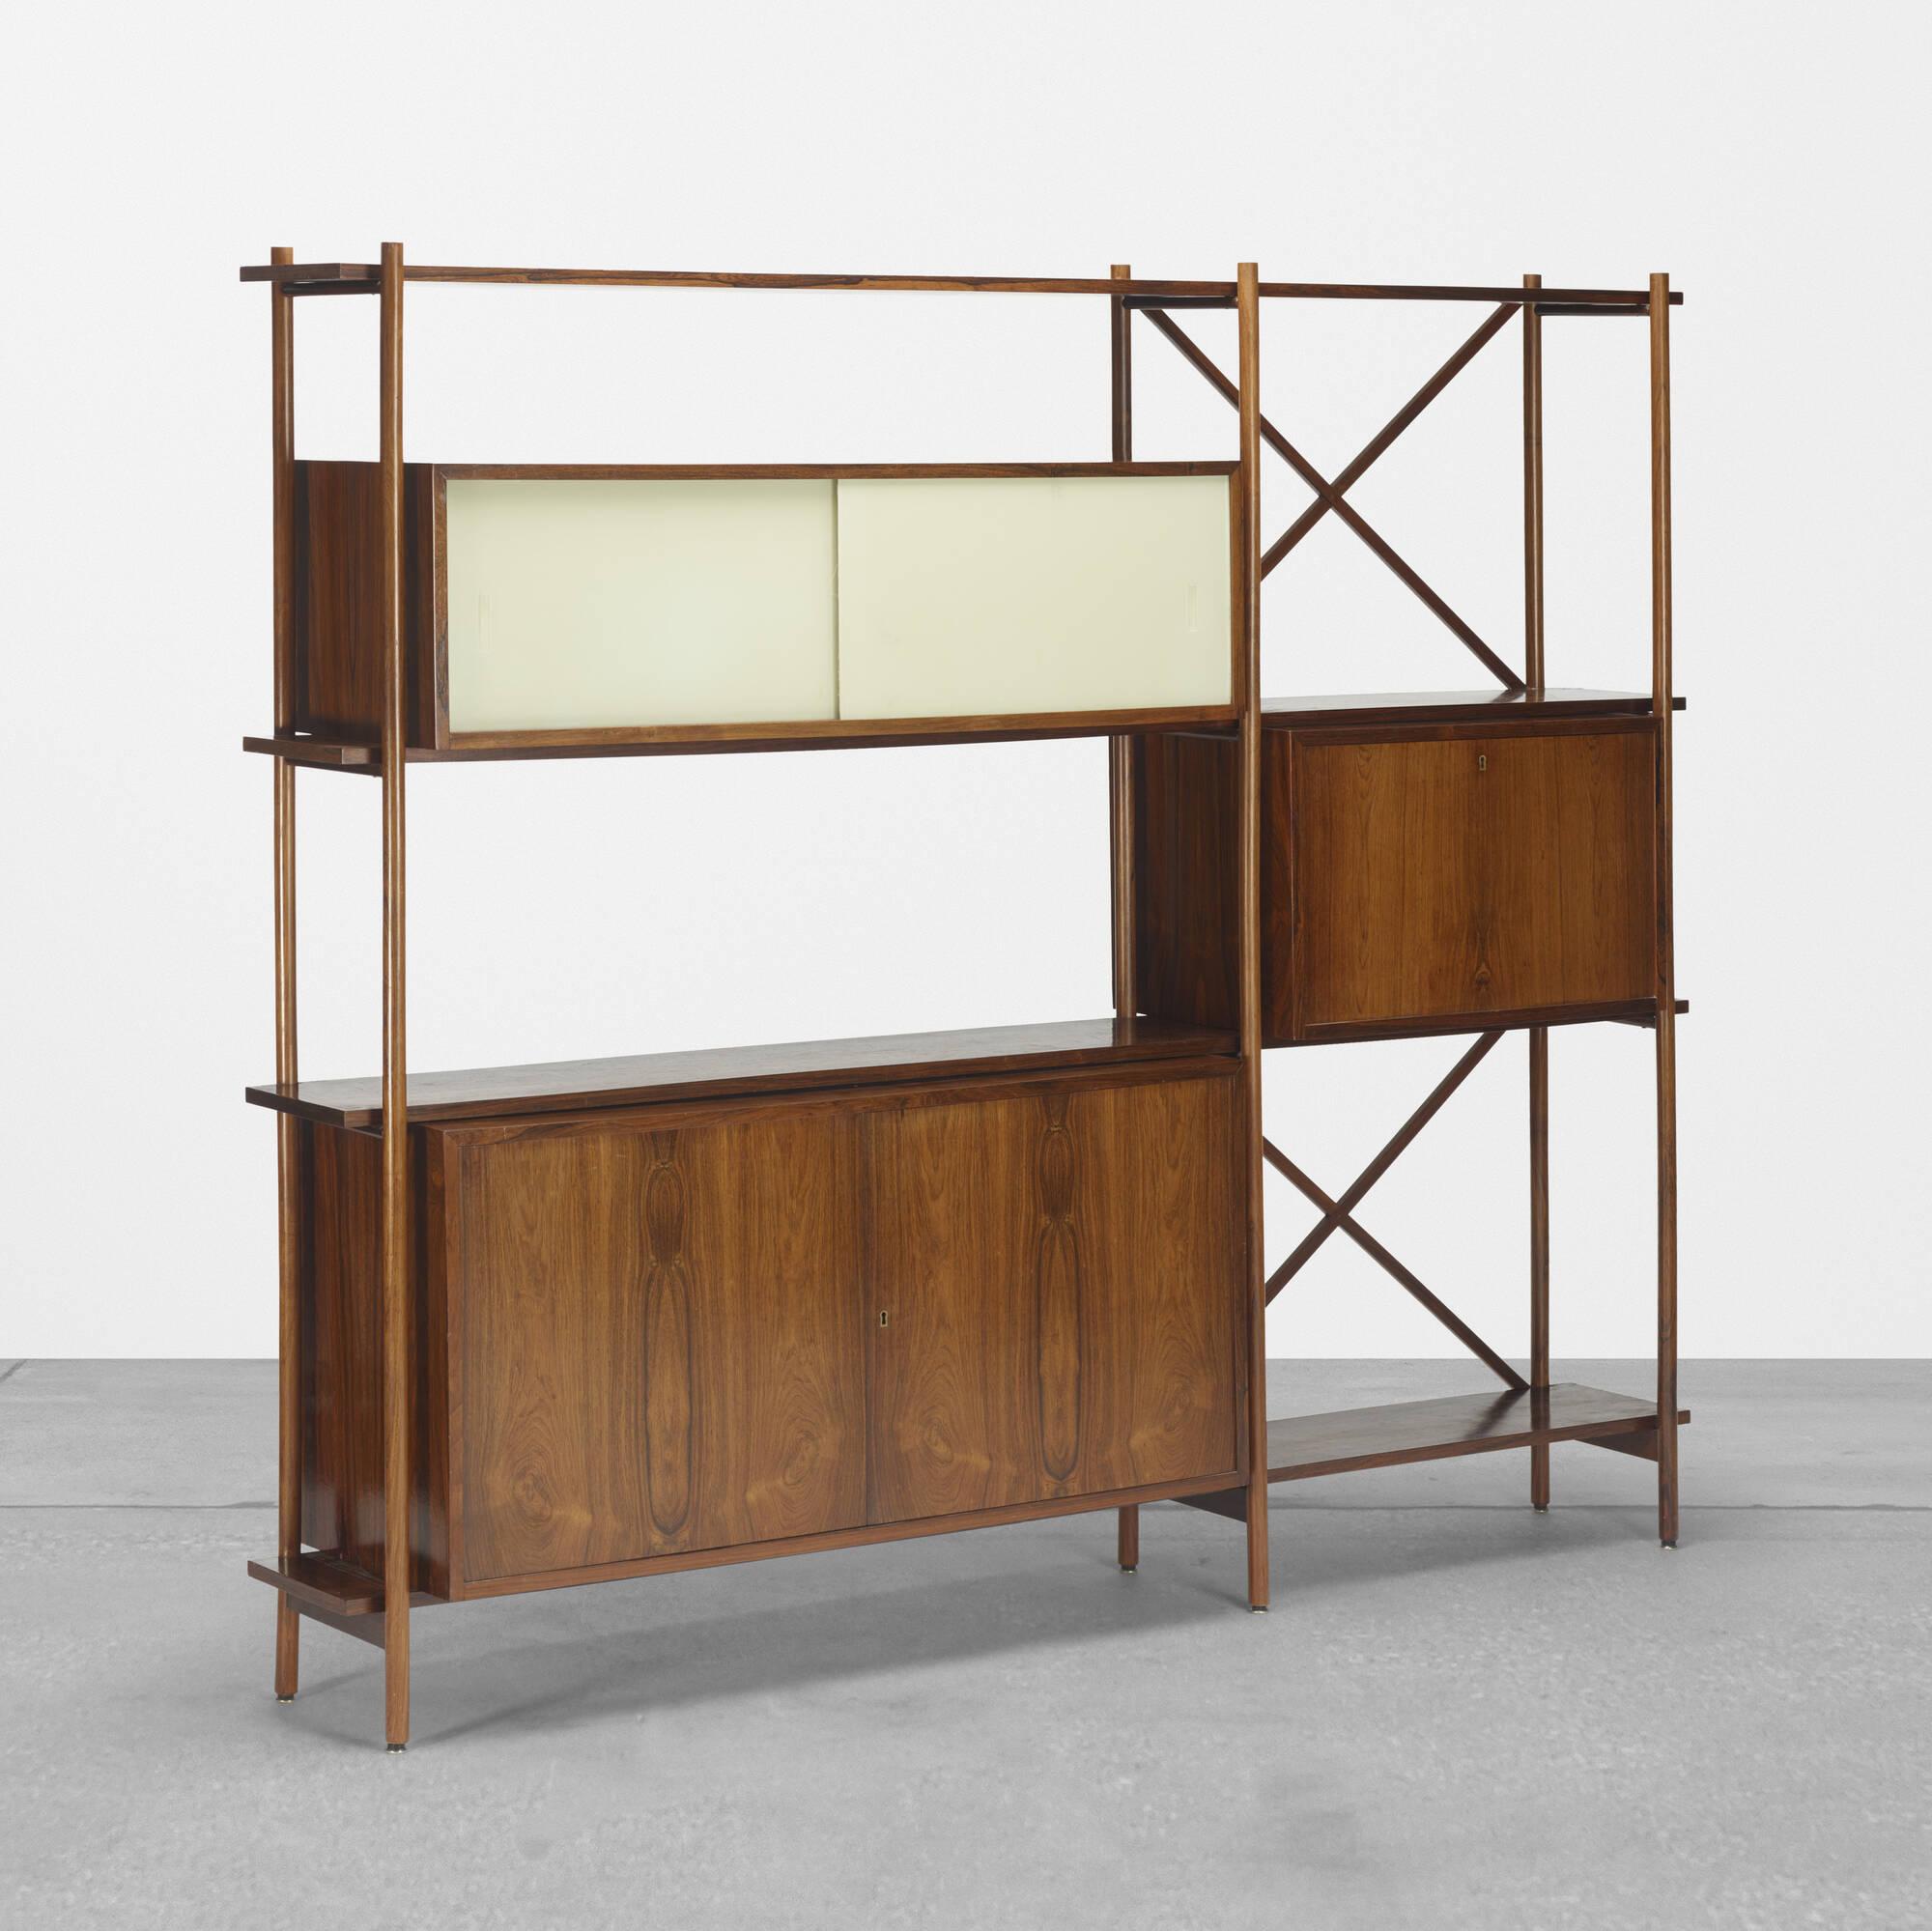 175: Joaquim Tenreiro / bookshelf (1 of 3)